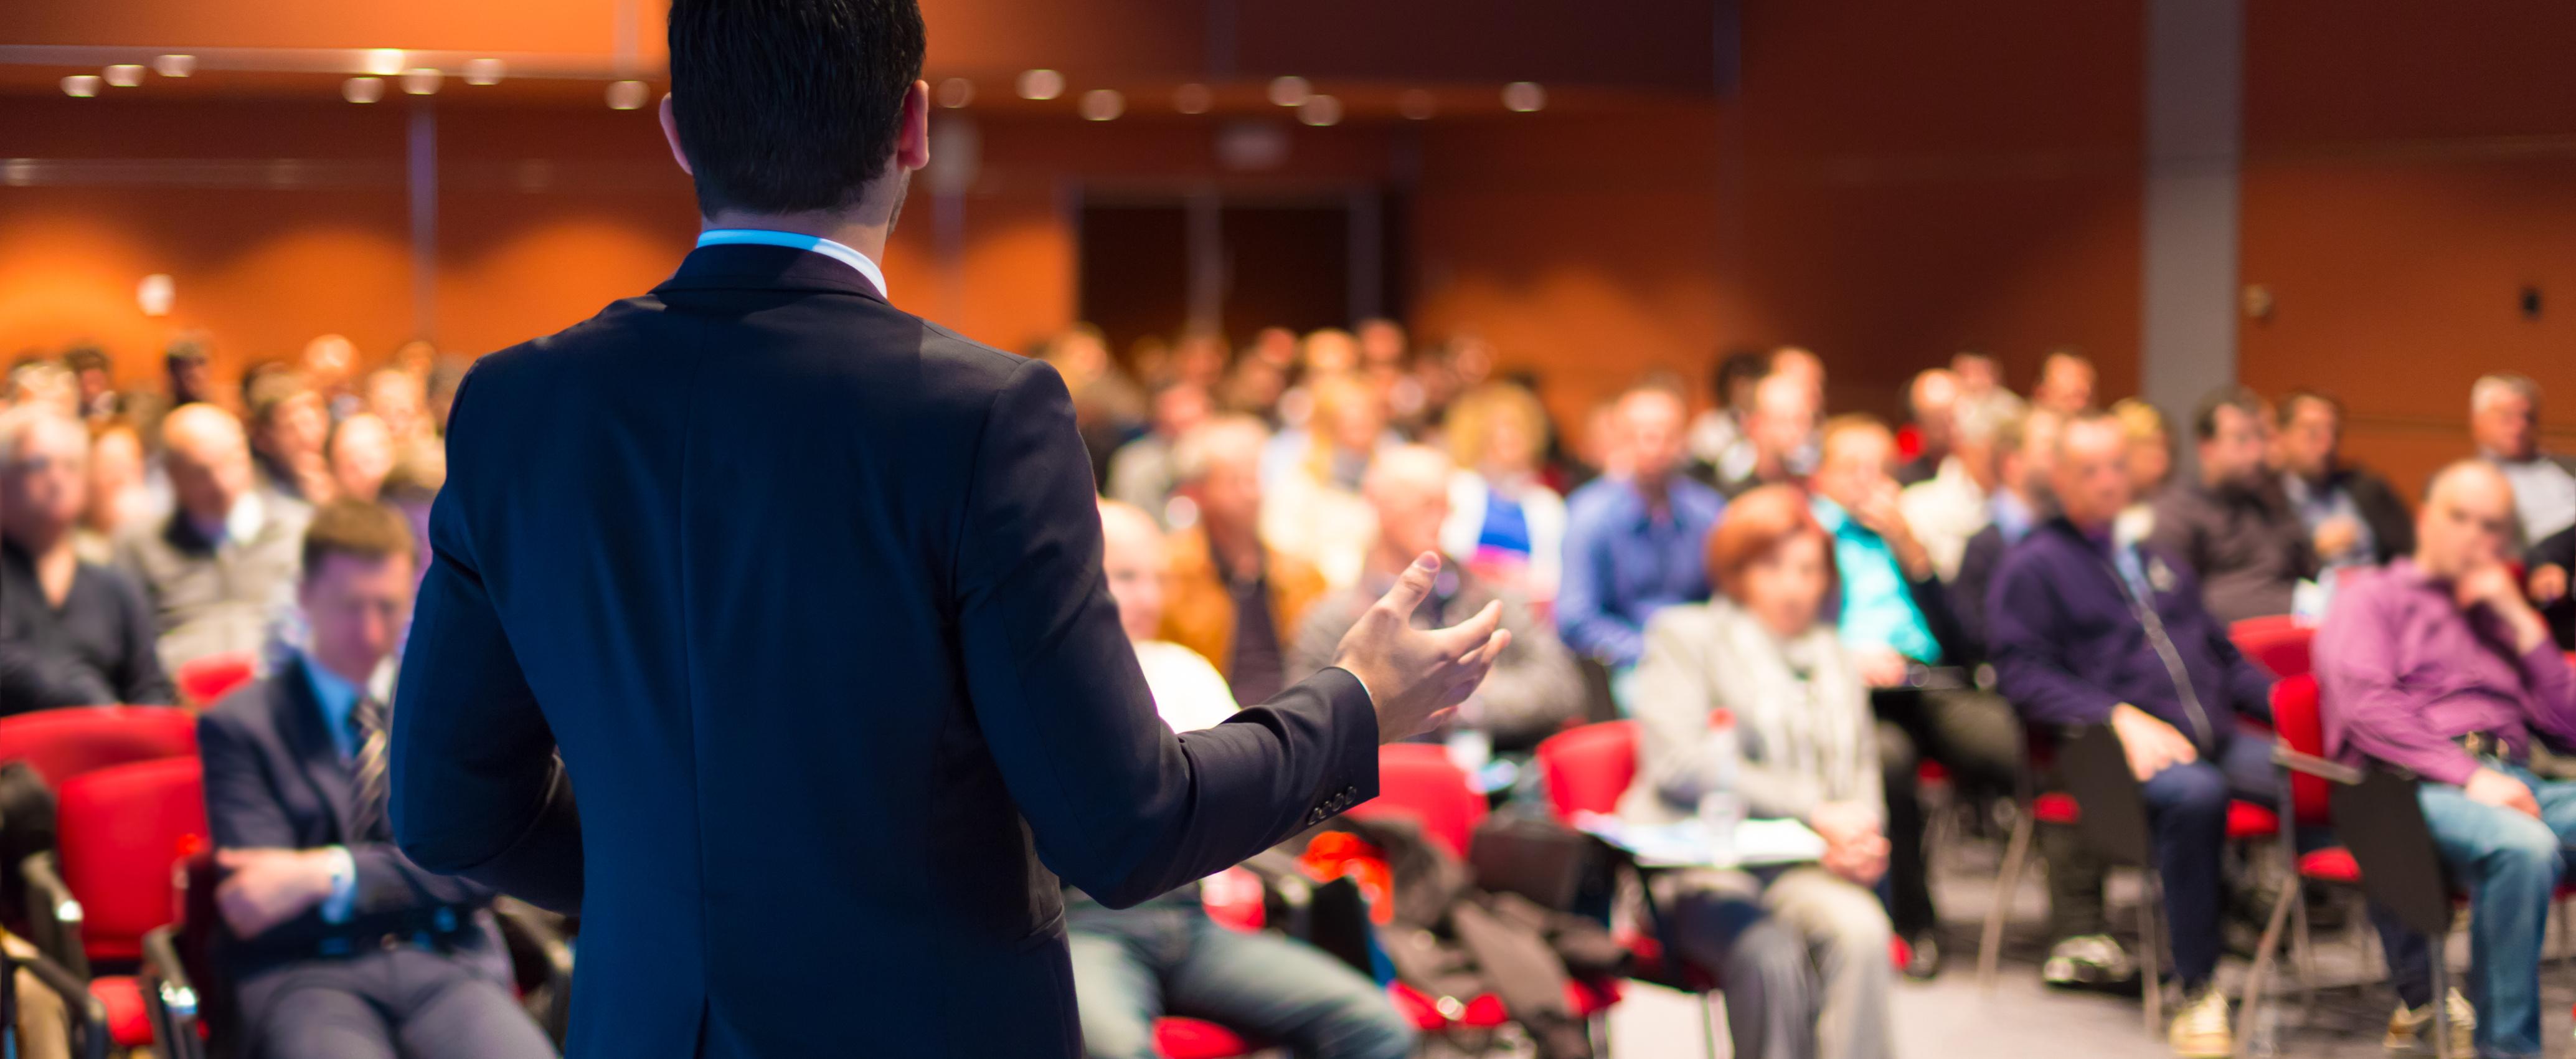 ¿Cómo hacer una correcta selección de speakers para un evento?